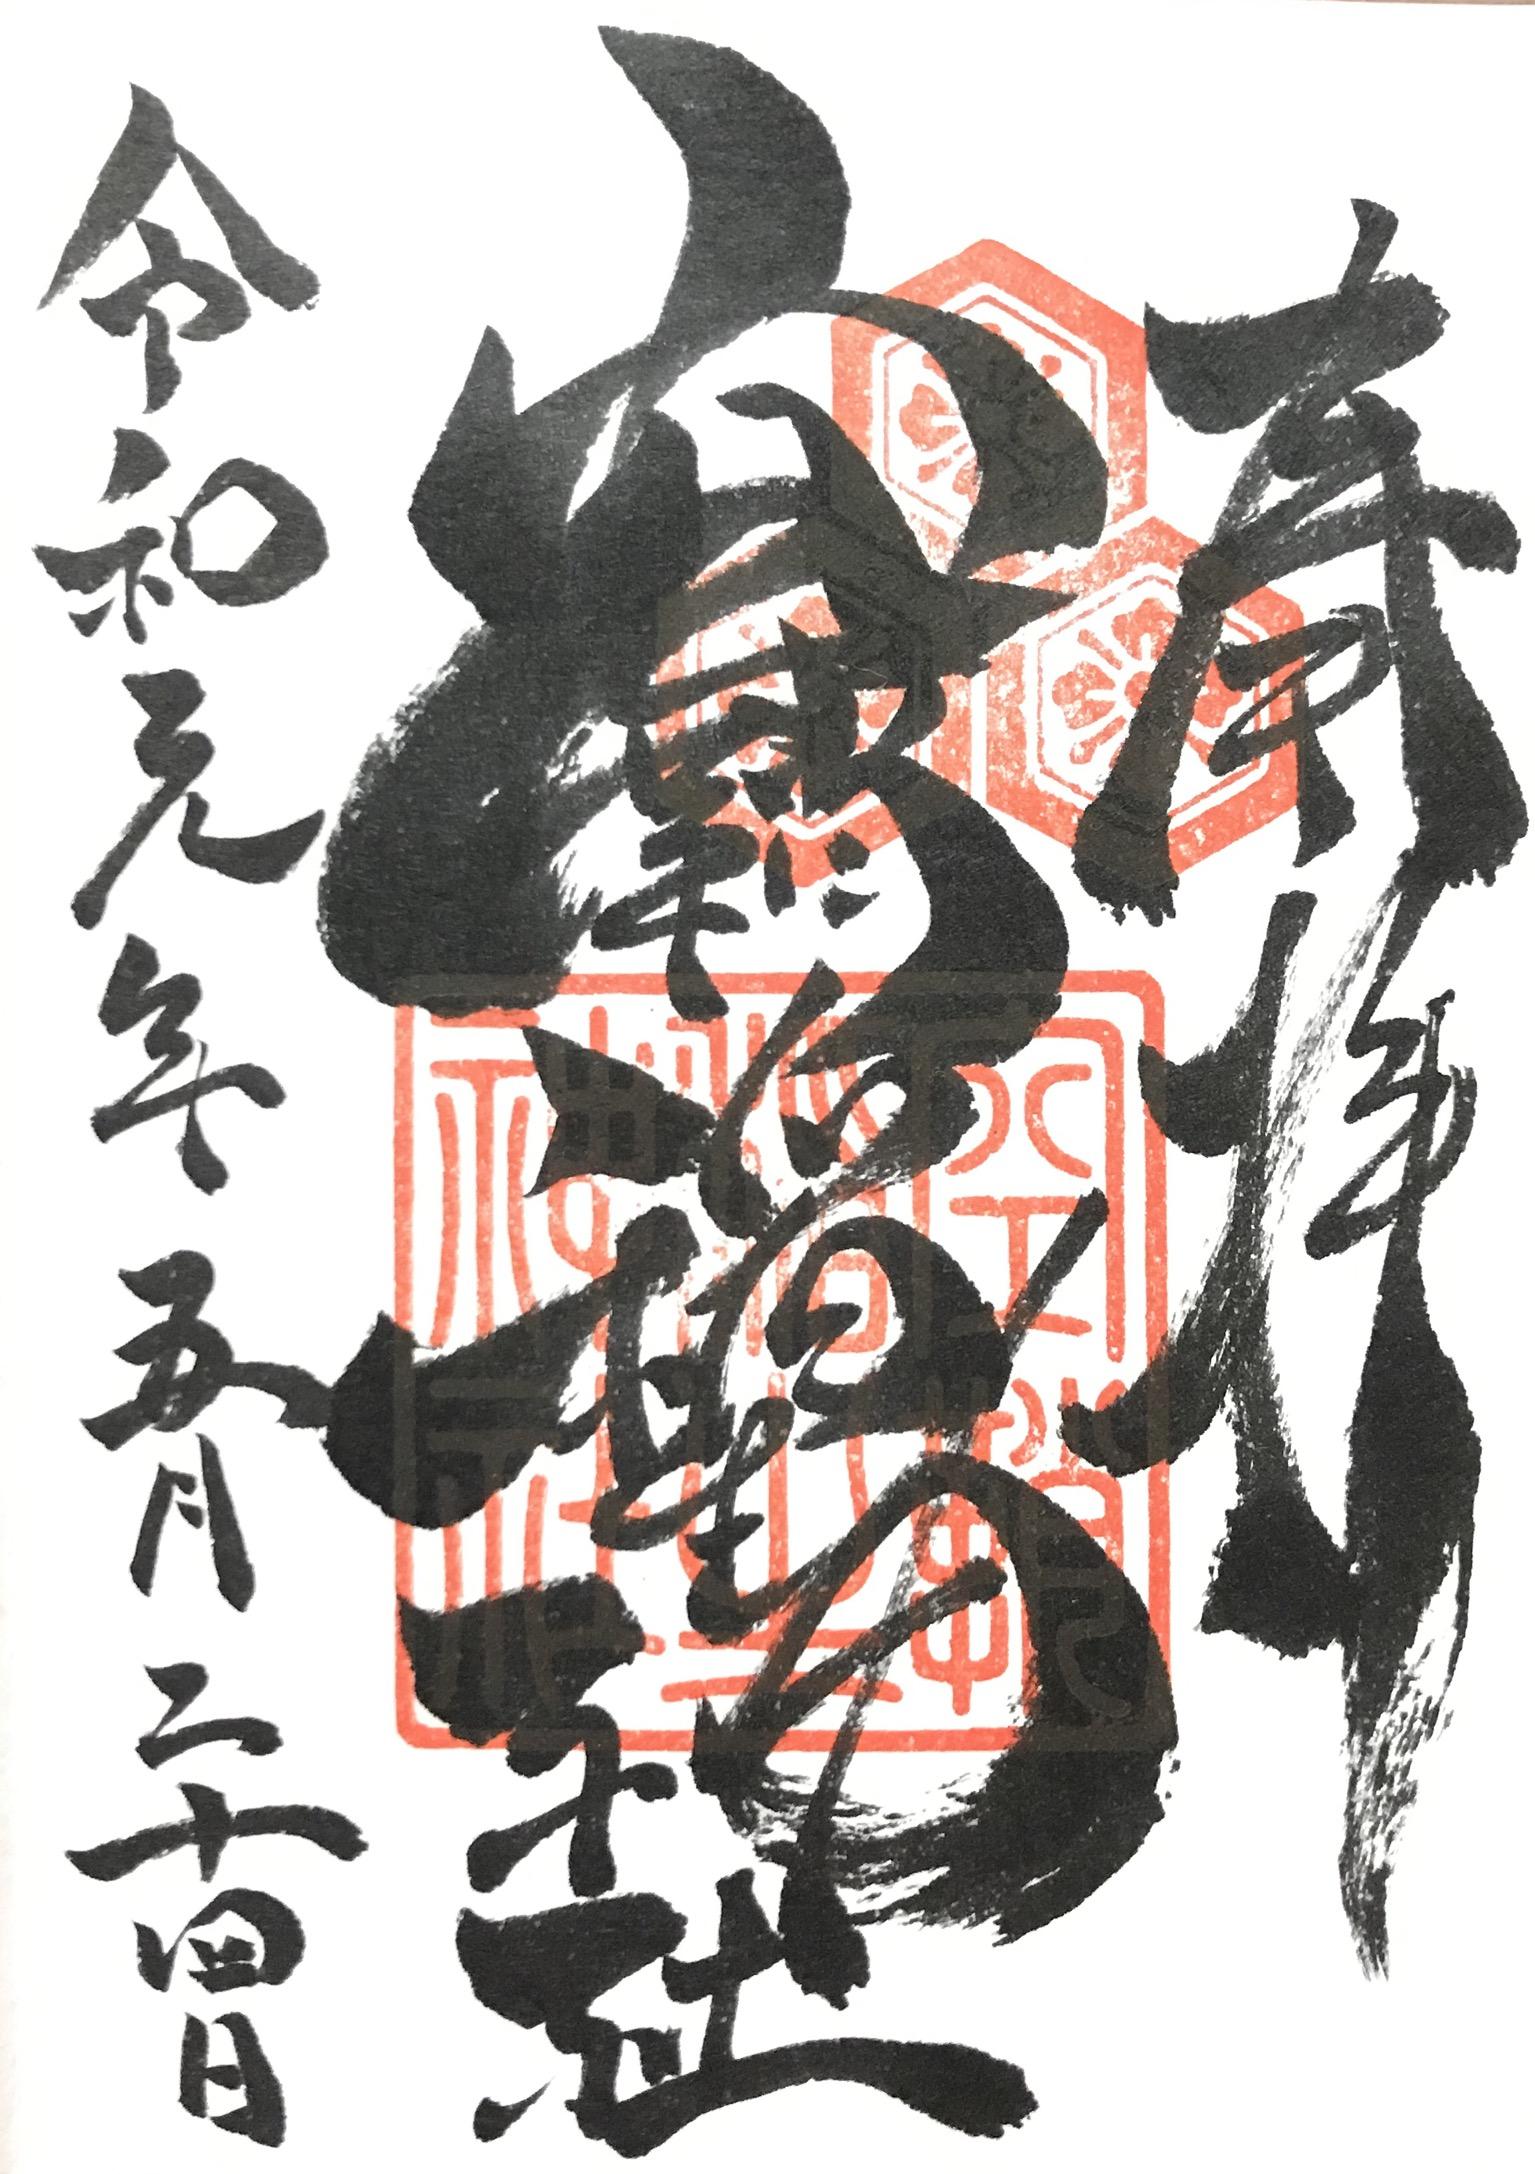 広島空鞘稲生神社のかっこいい御朱印